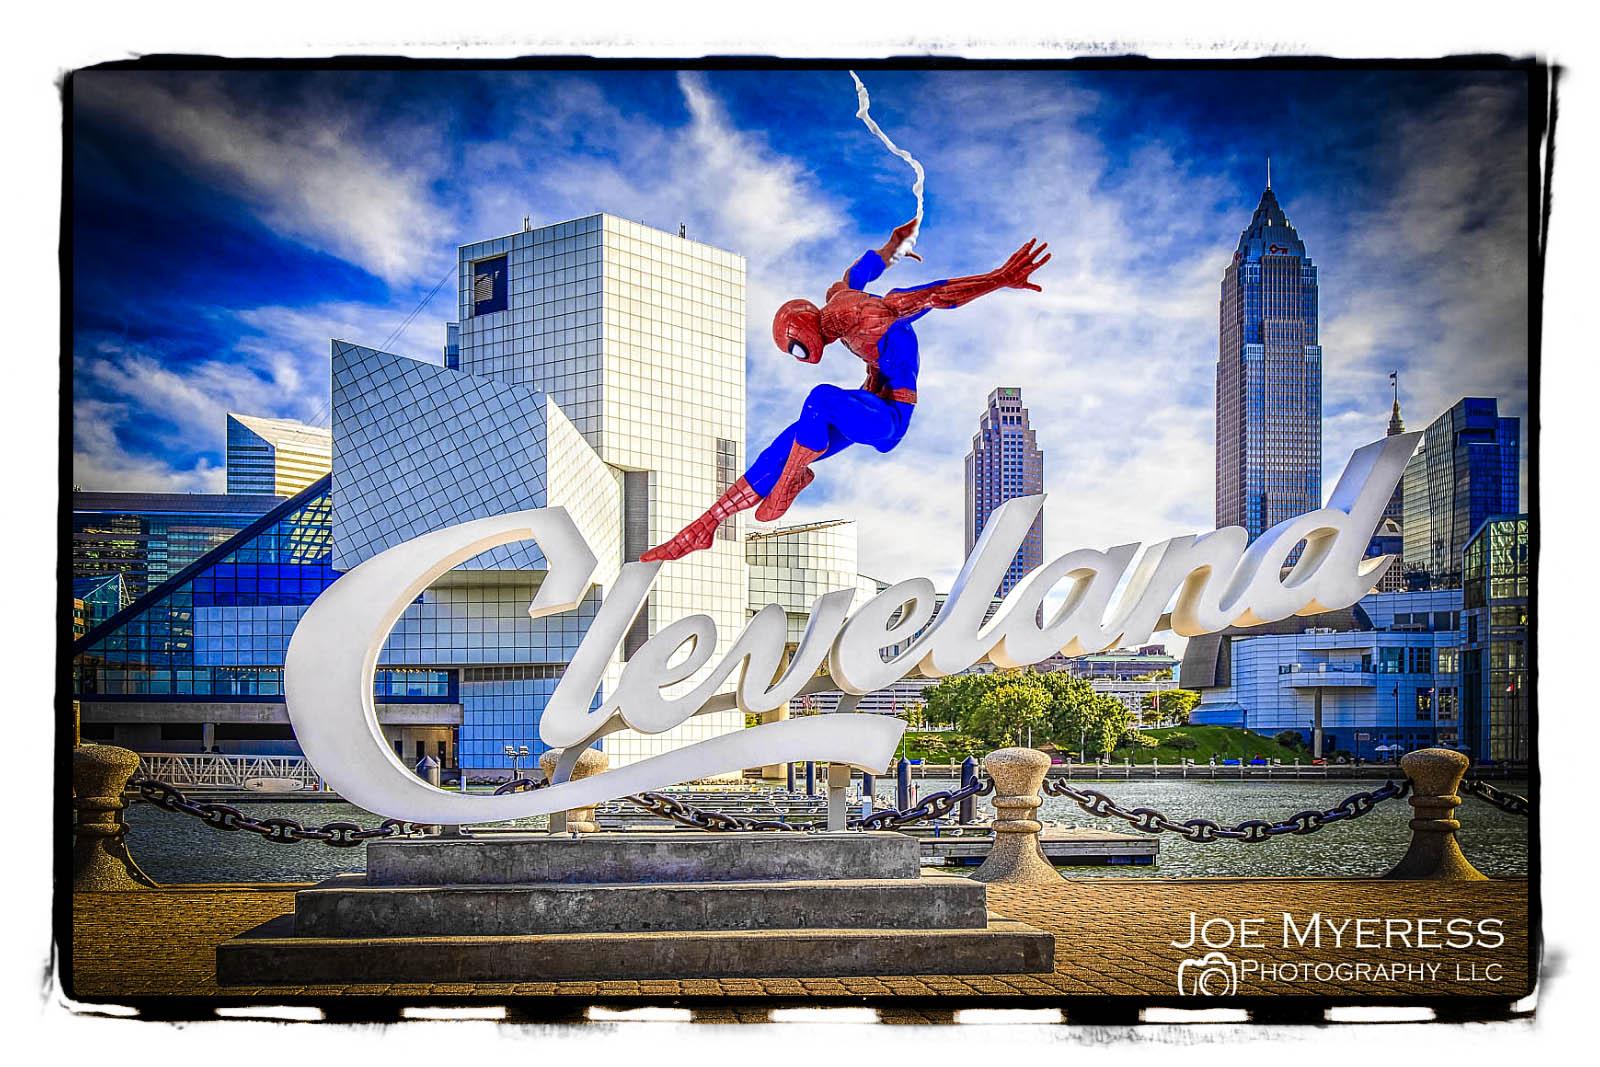 Spider Man visits Cleveland